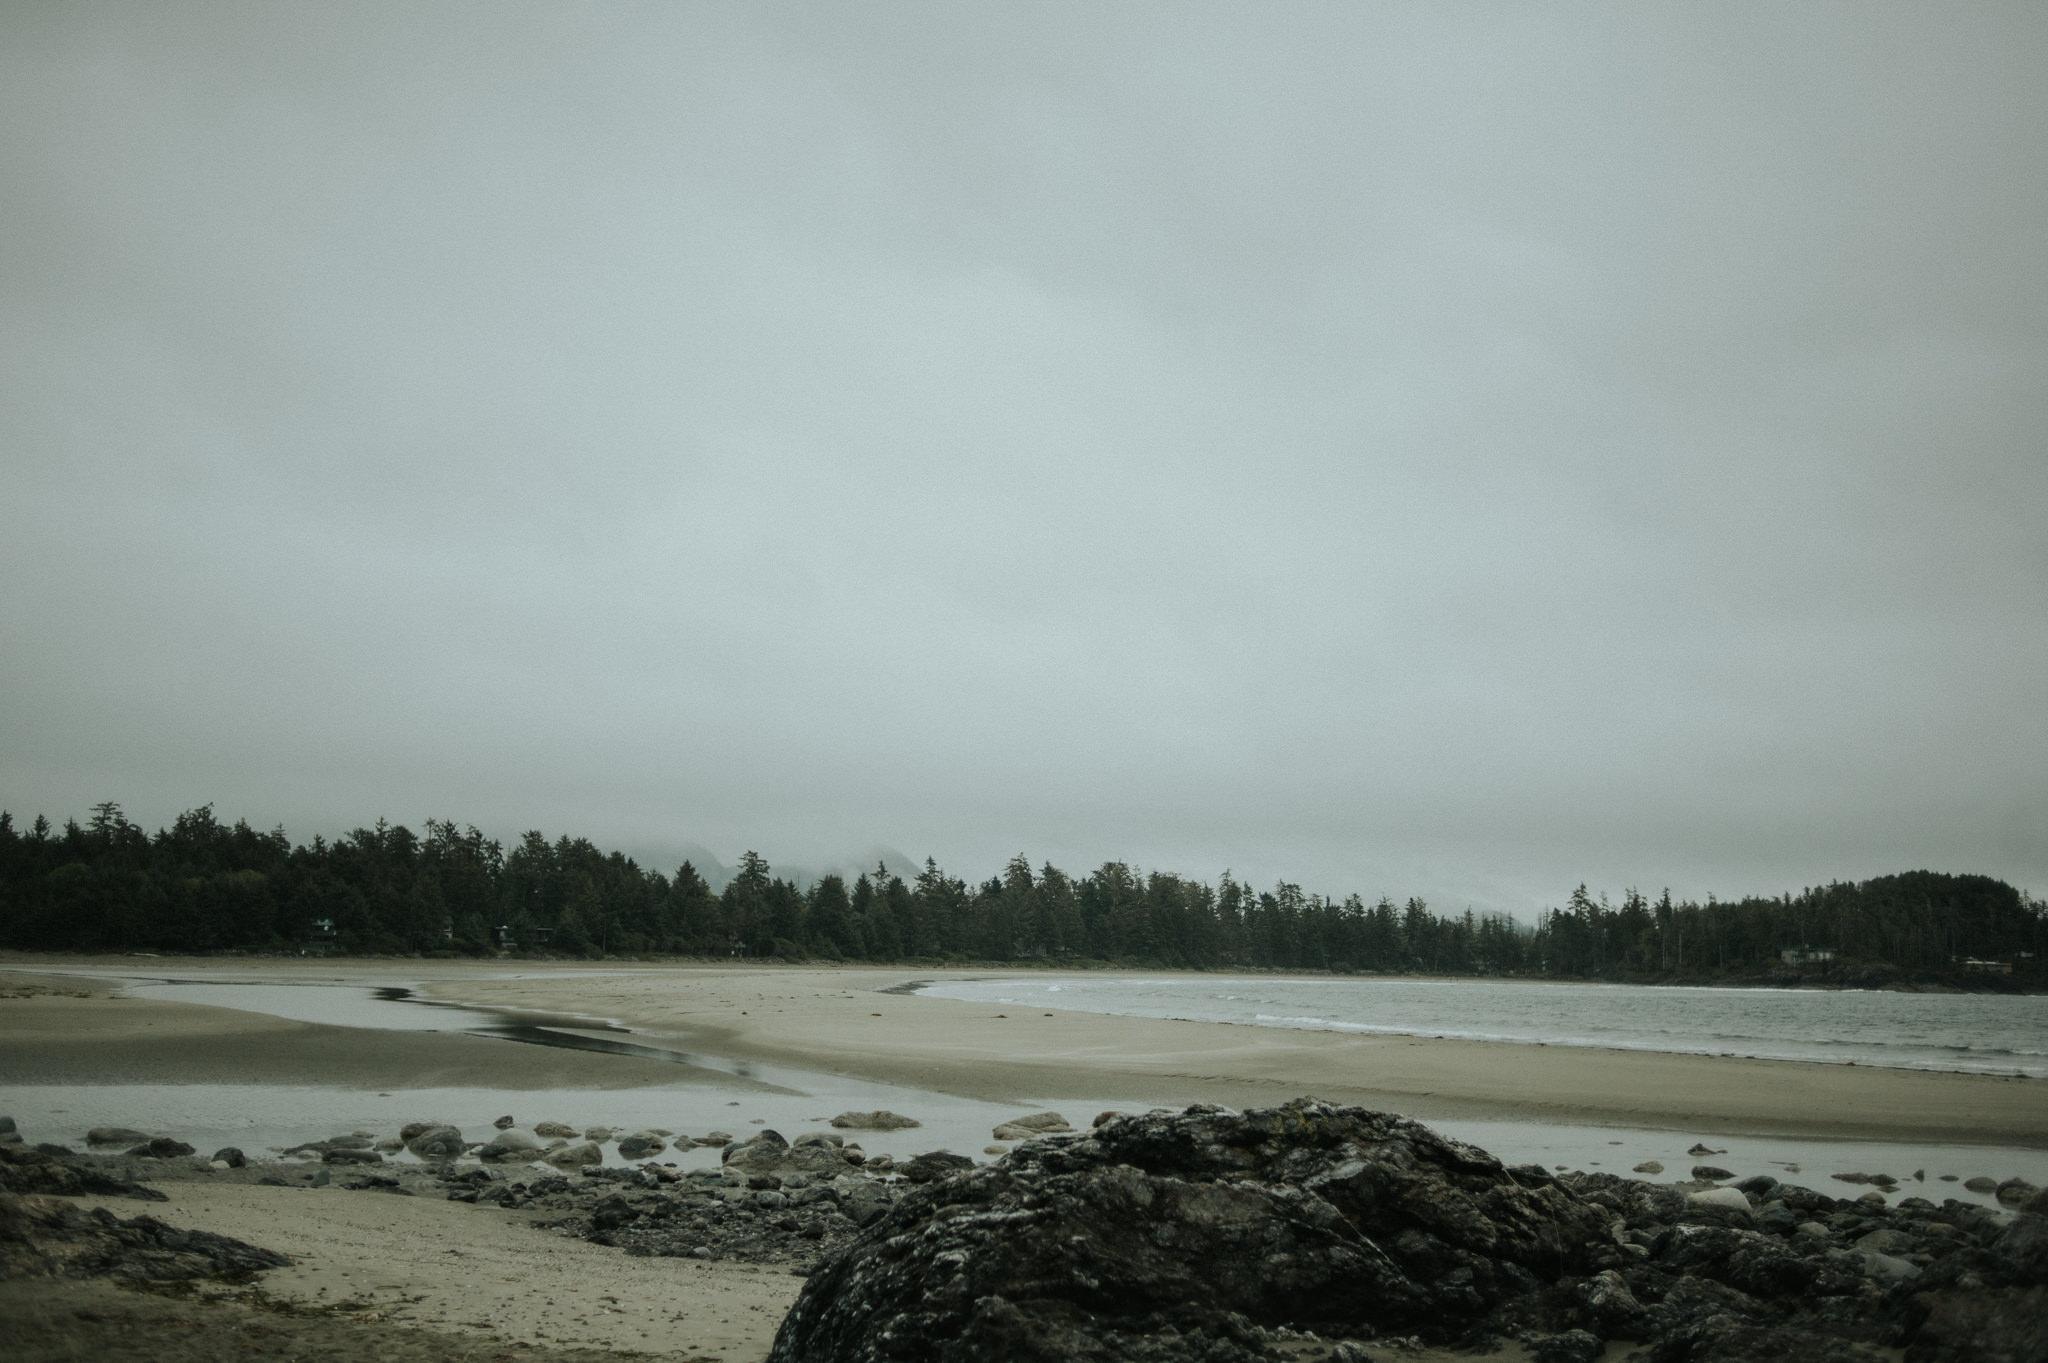 Chesterman Beach, Tofino // Daring Wanderer: www.daringwanderer.com